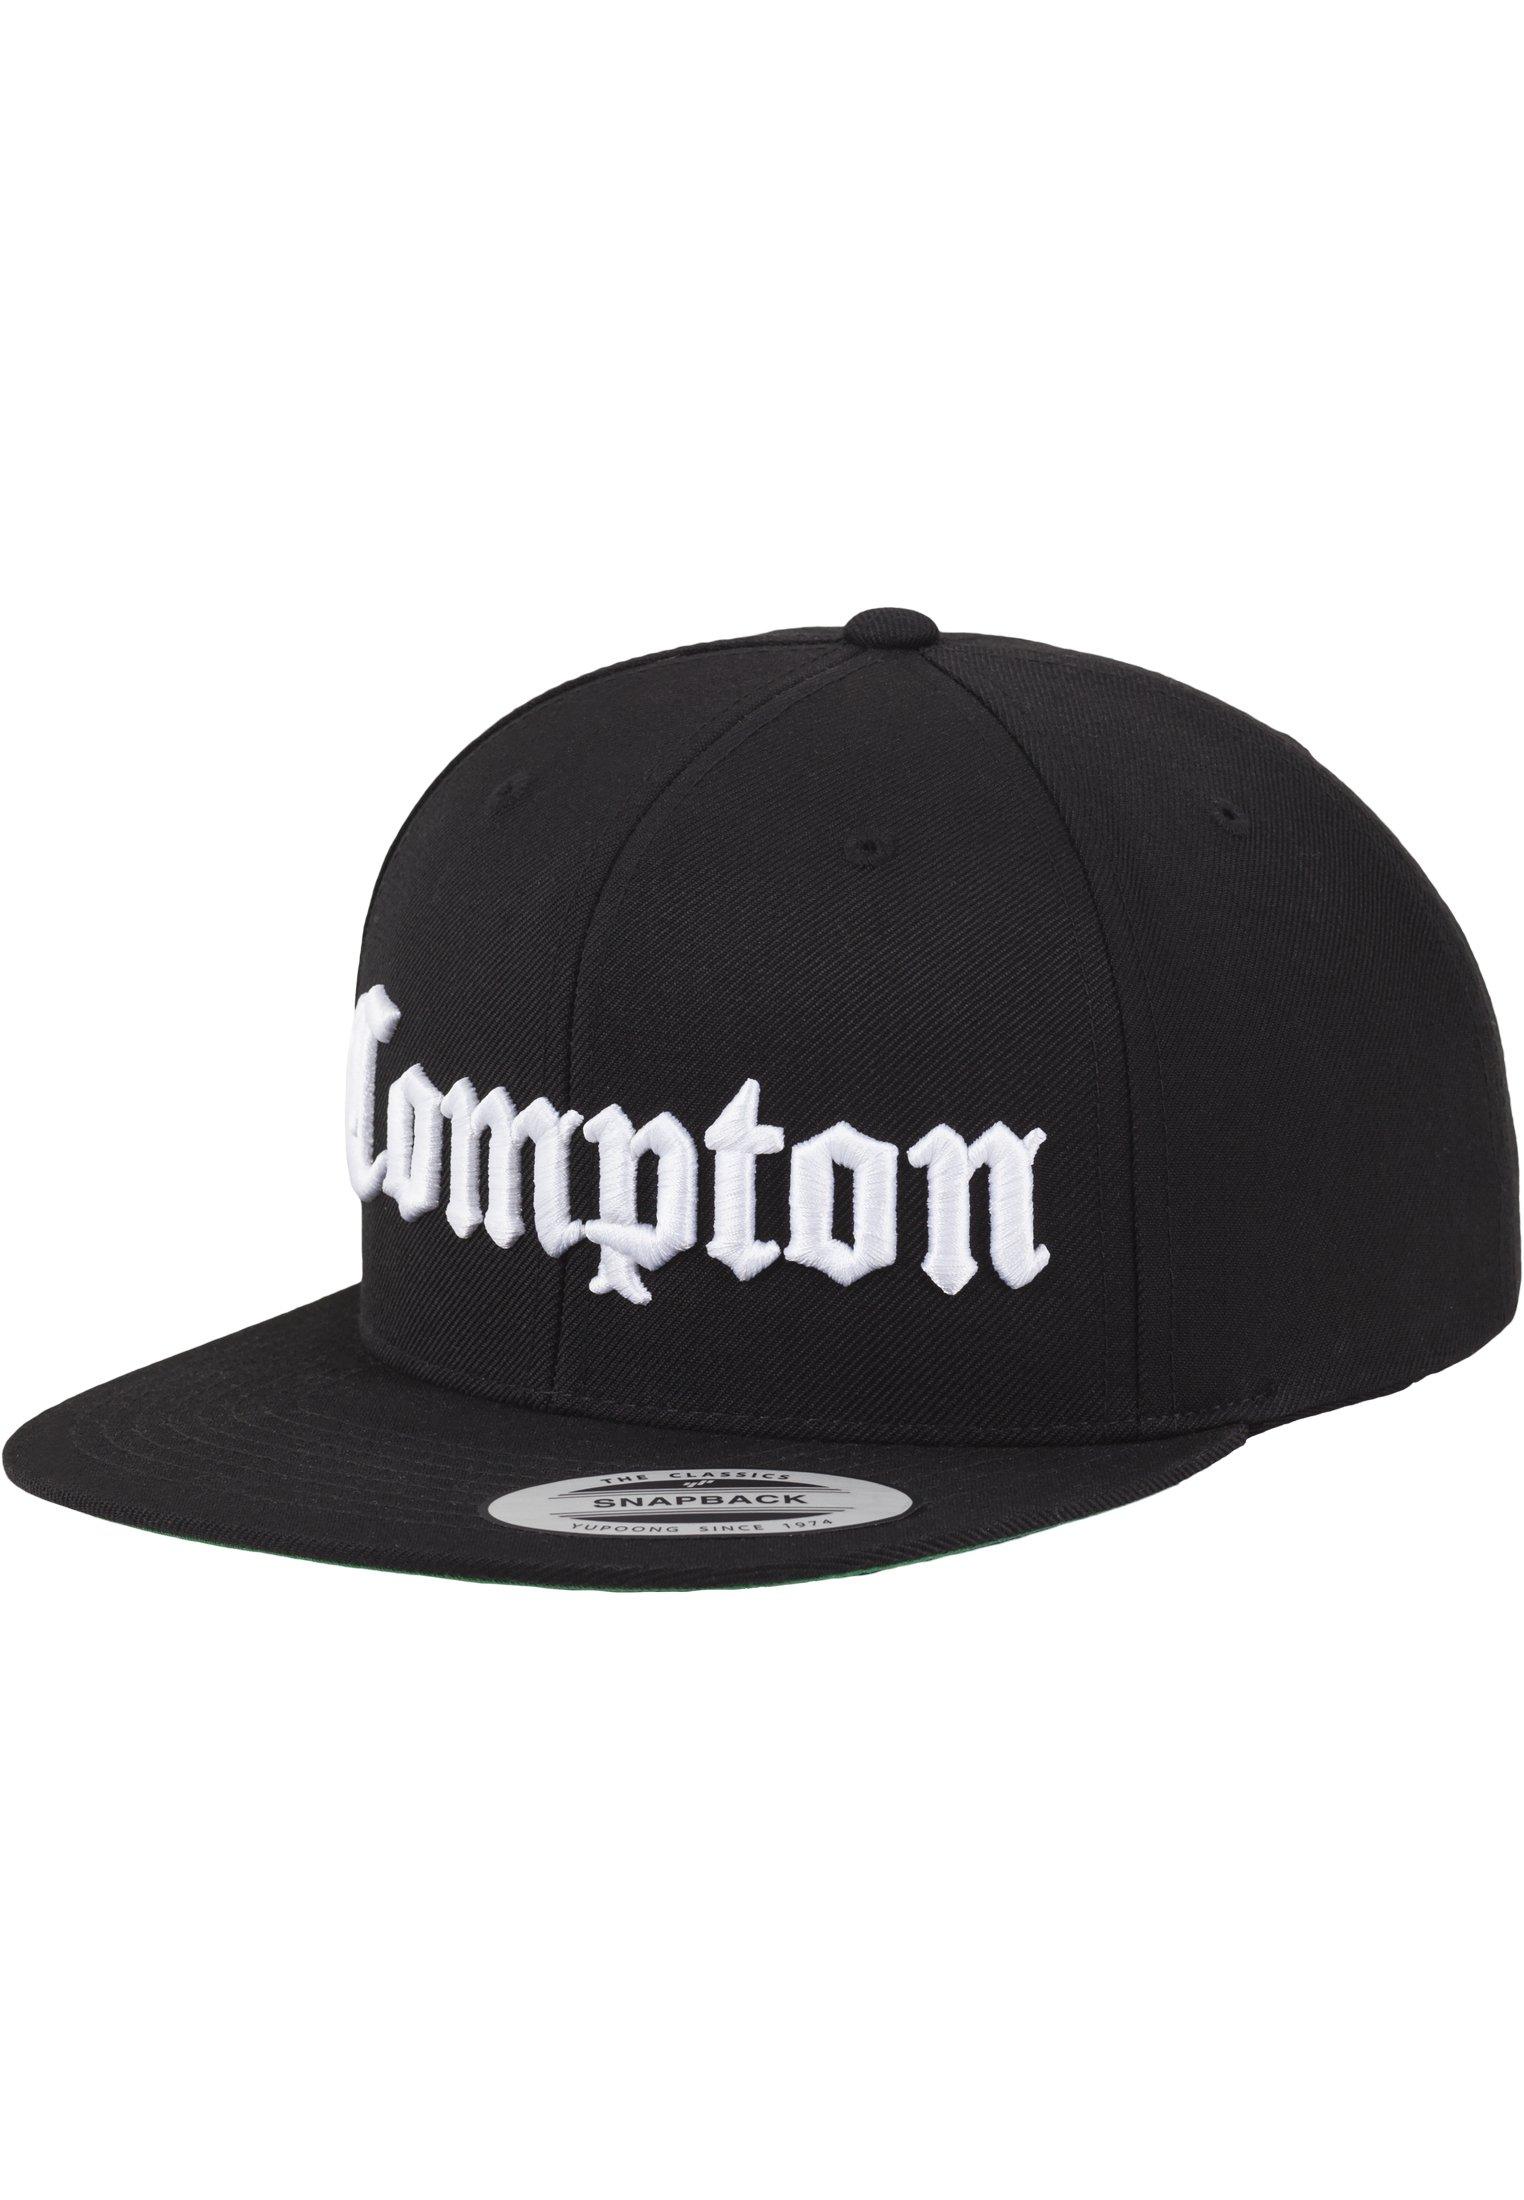 Flexfit Compton - Cap Black/schwarz